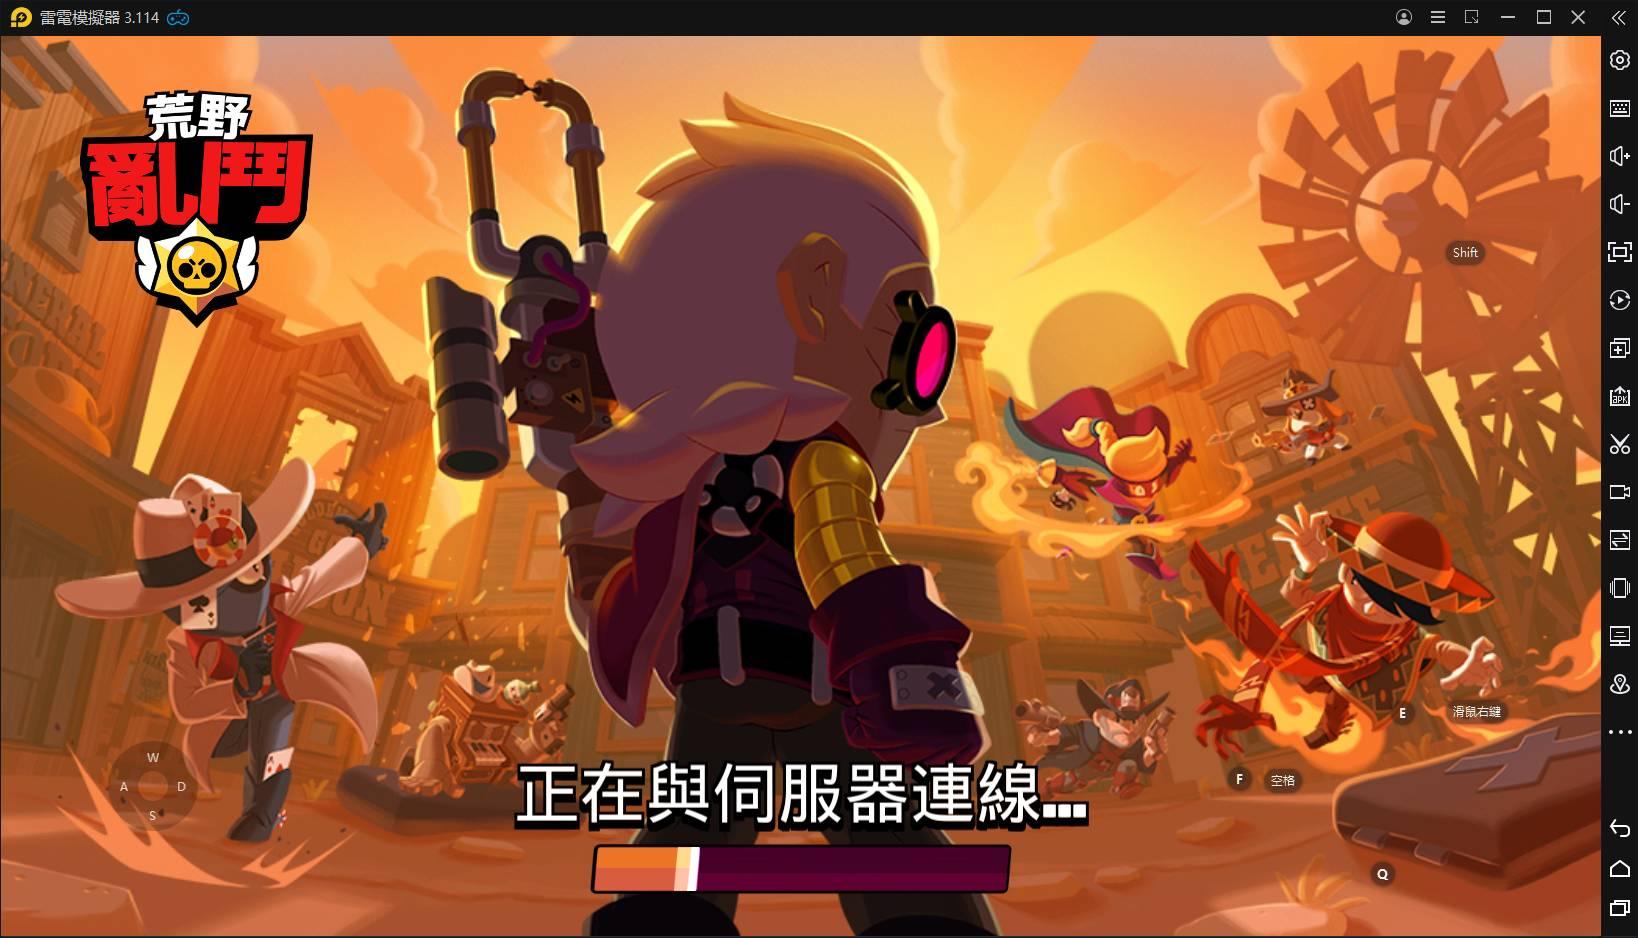 【評測】《荒野亂鬥》最容易上手的英雄,帶你無腦快速對戰!